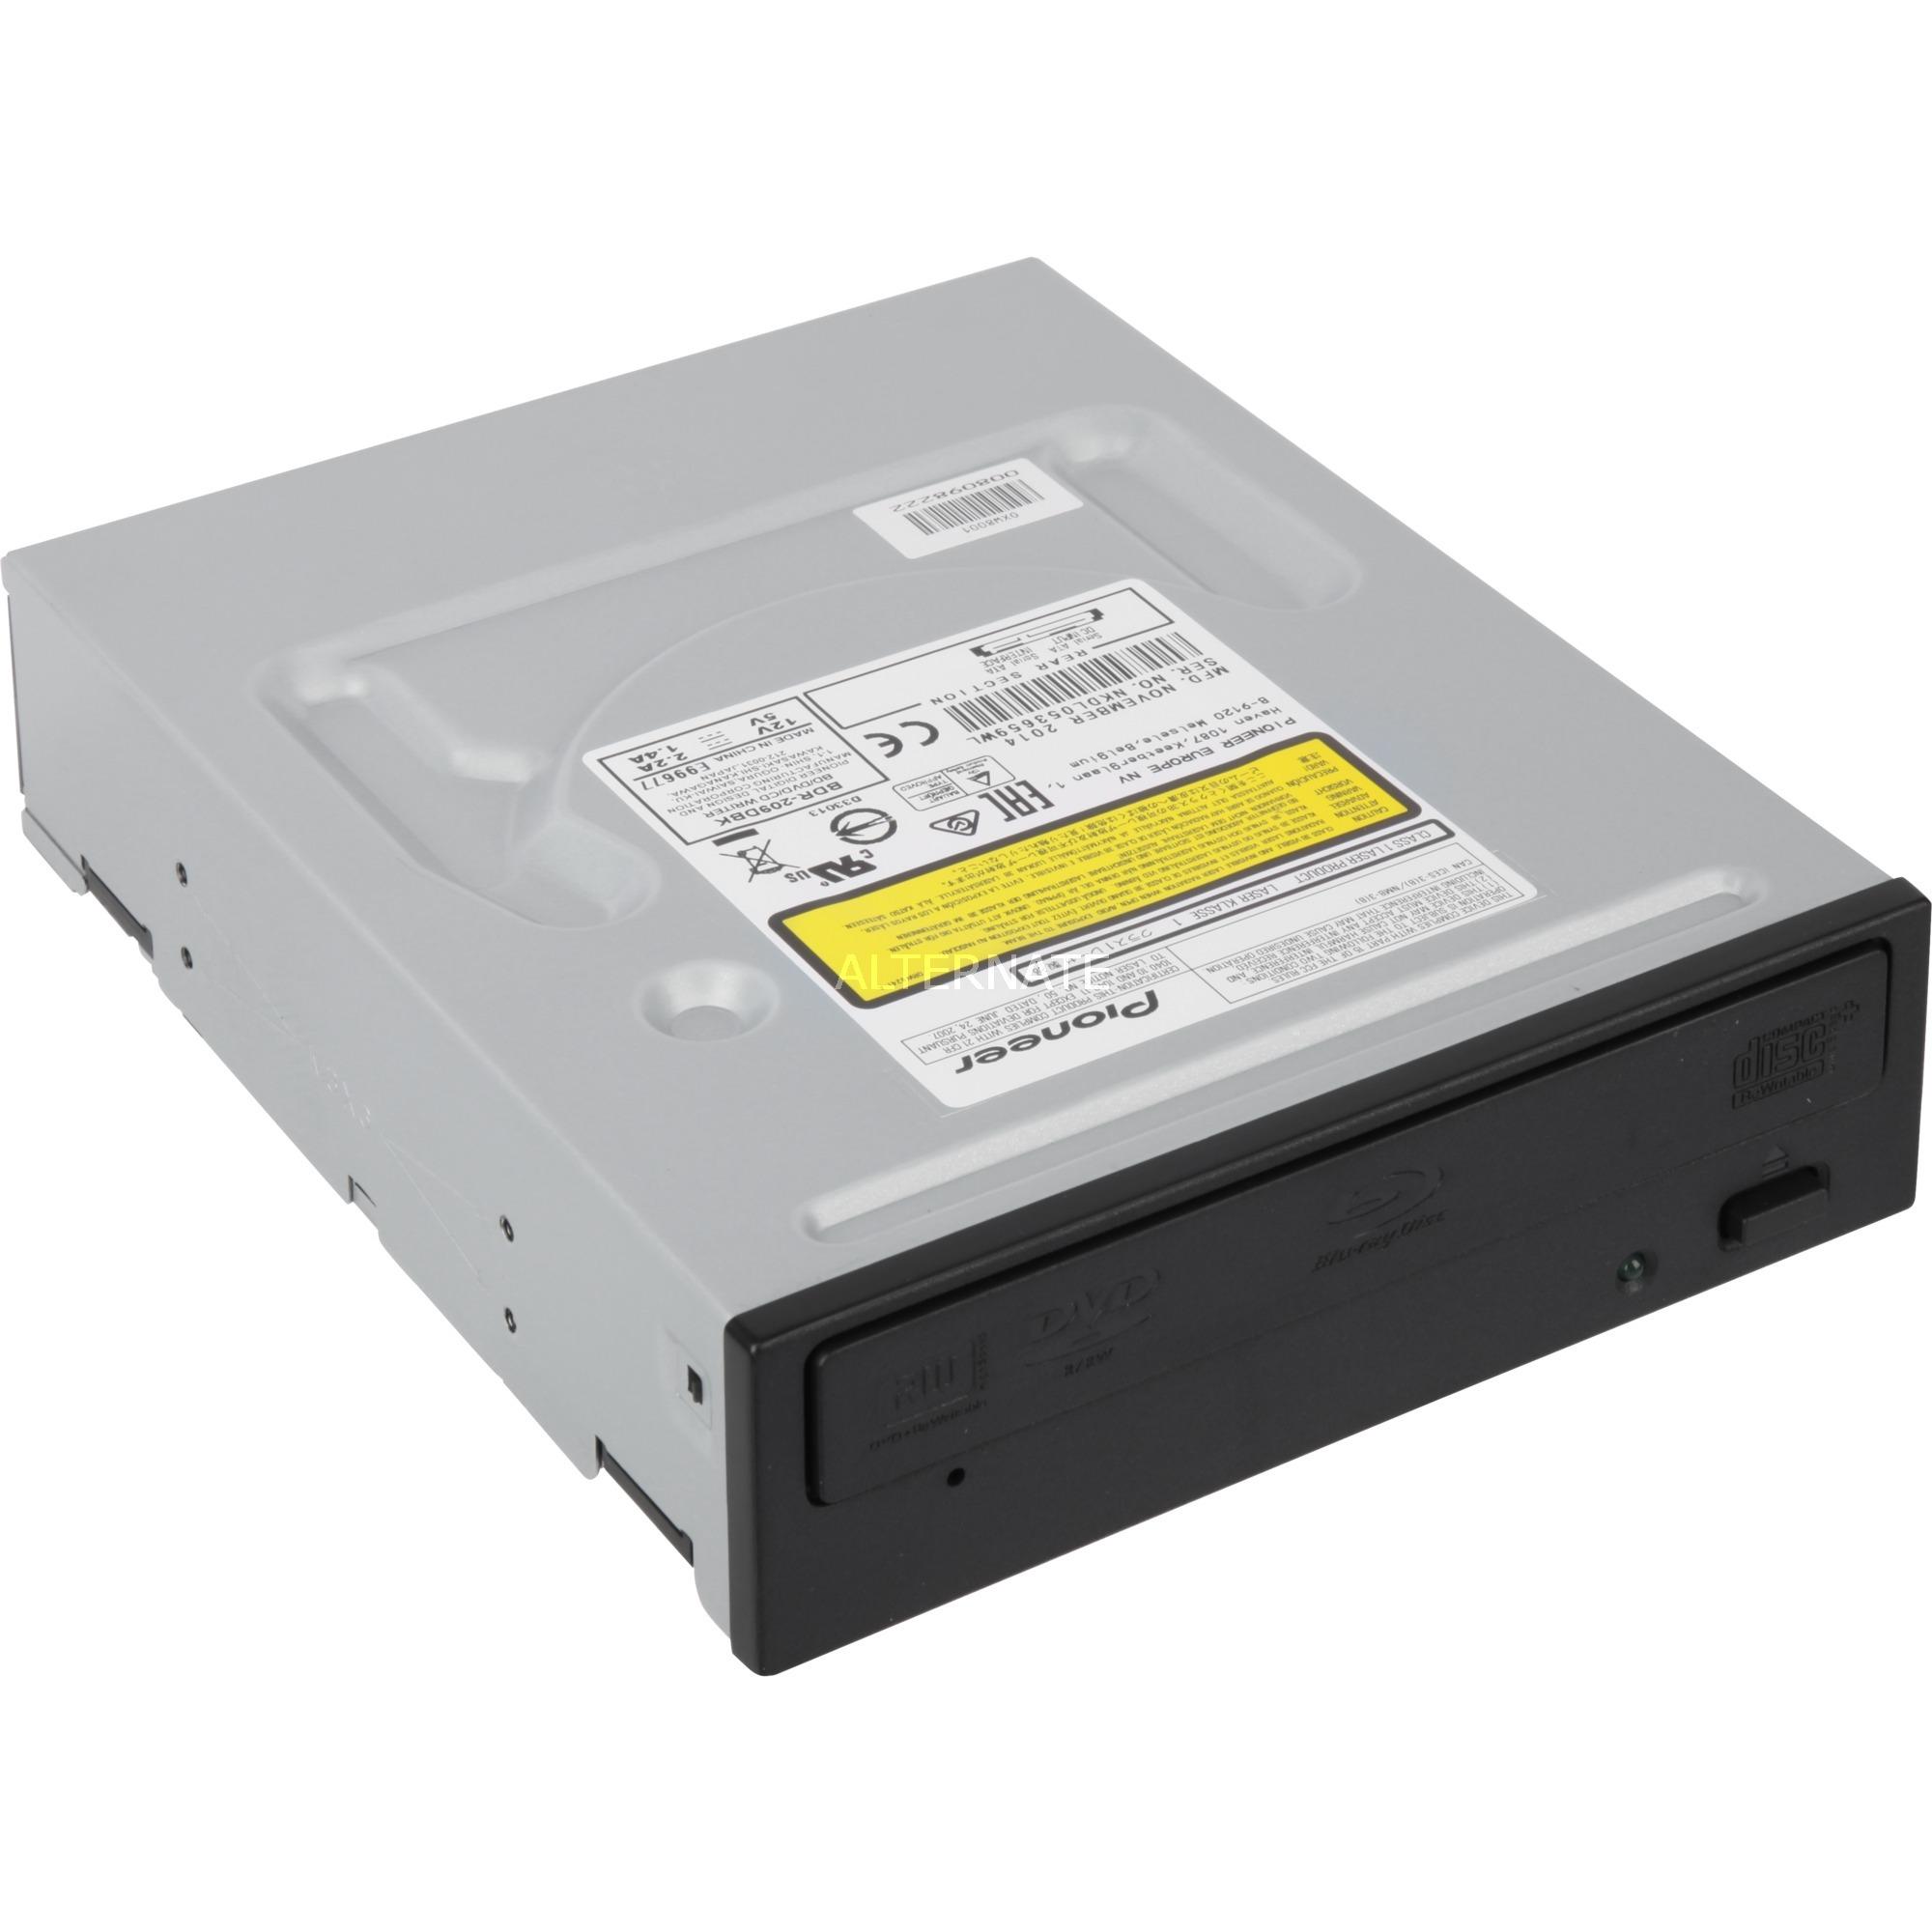 BDR-209DBK unidad de disco óptico Interno Negro Blu-Ray DVD Combo, Regrabadora Blu-ray